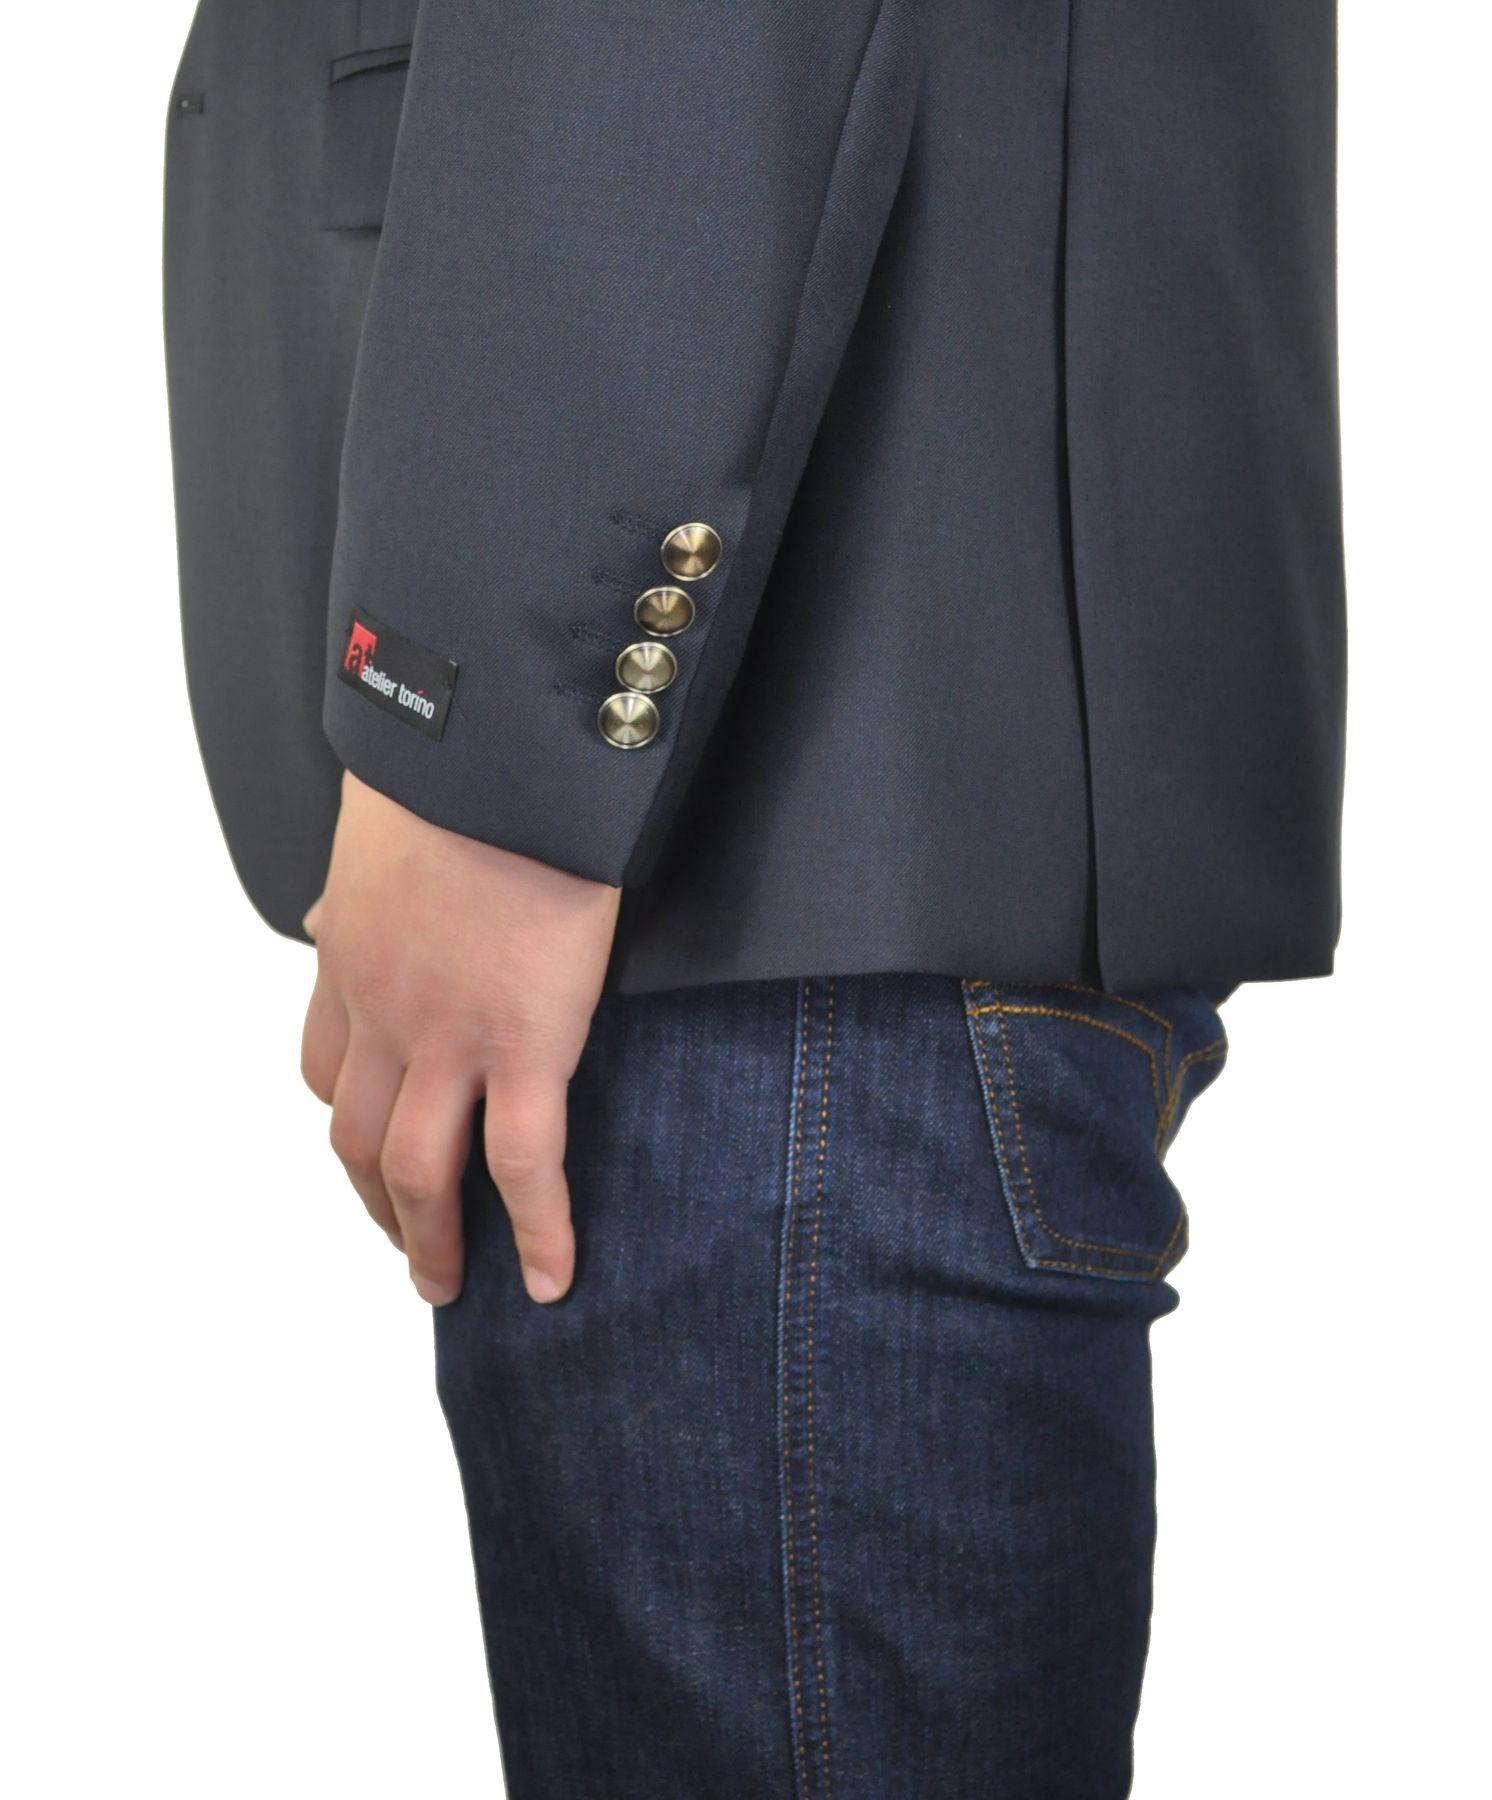 Atelier Torino - Classic Fit - Herren Blazer mit Goldknöpfen aus Super 100'S Schurwolle in Dunkelblau, Lucio SS (07007) Model: Lucio SS (7177) – Bild 5